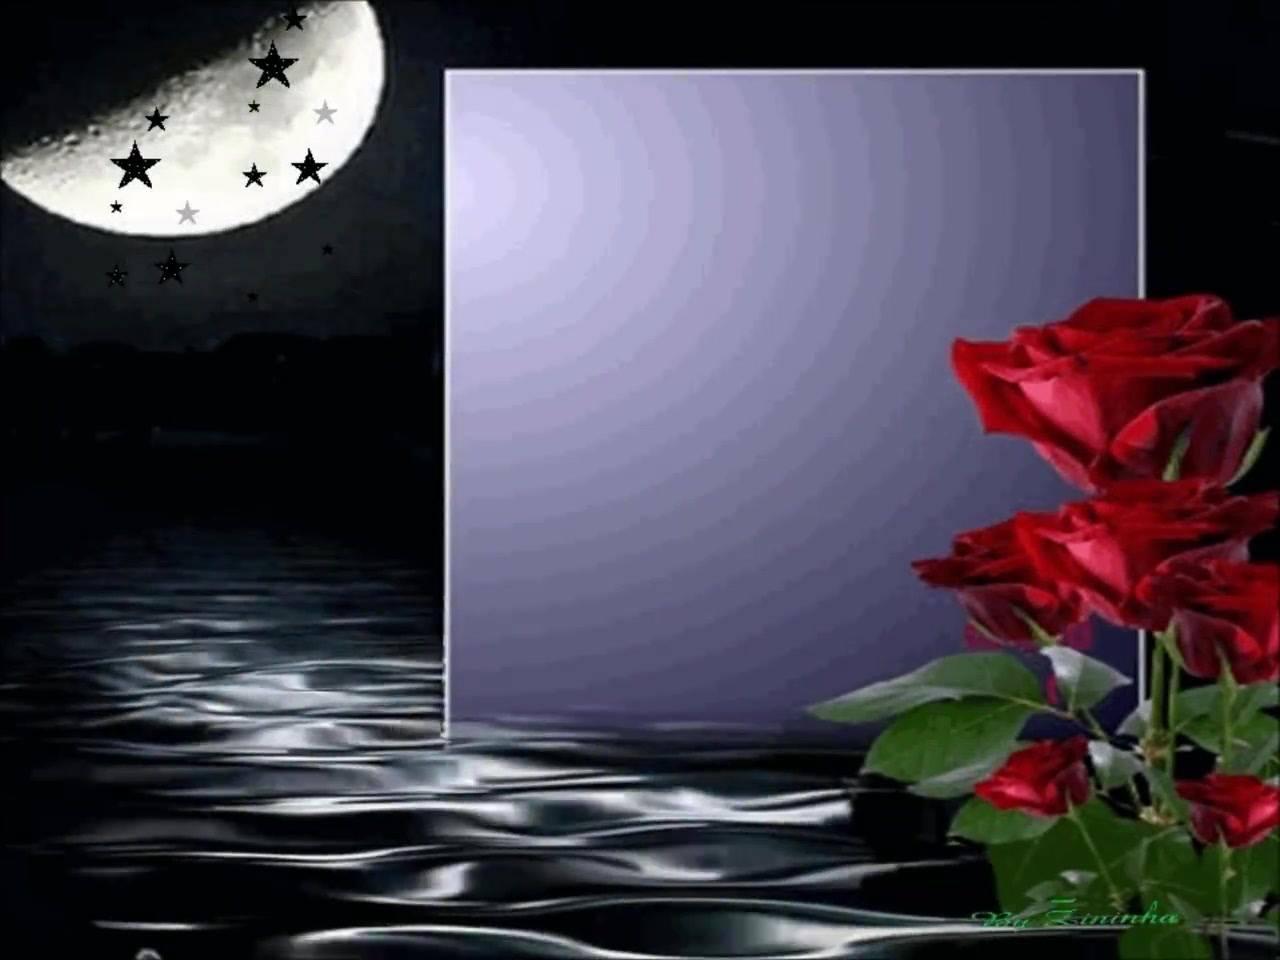 Uma Linda E Abençoada Noite: Mensagem Linda De Boa Noite, Que Você Seja Abençoado Por